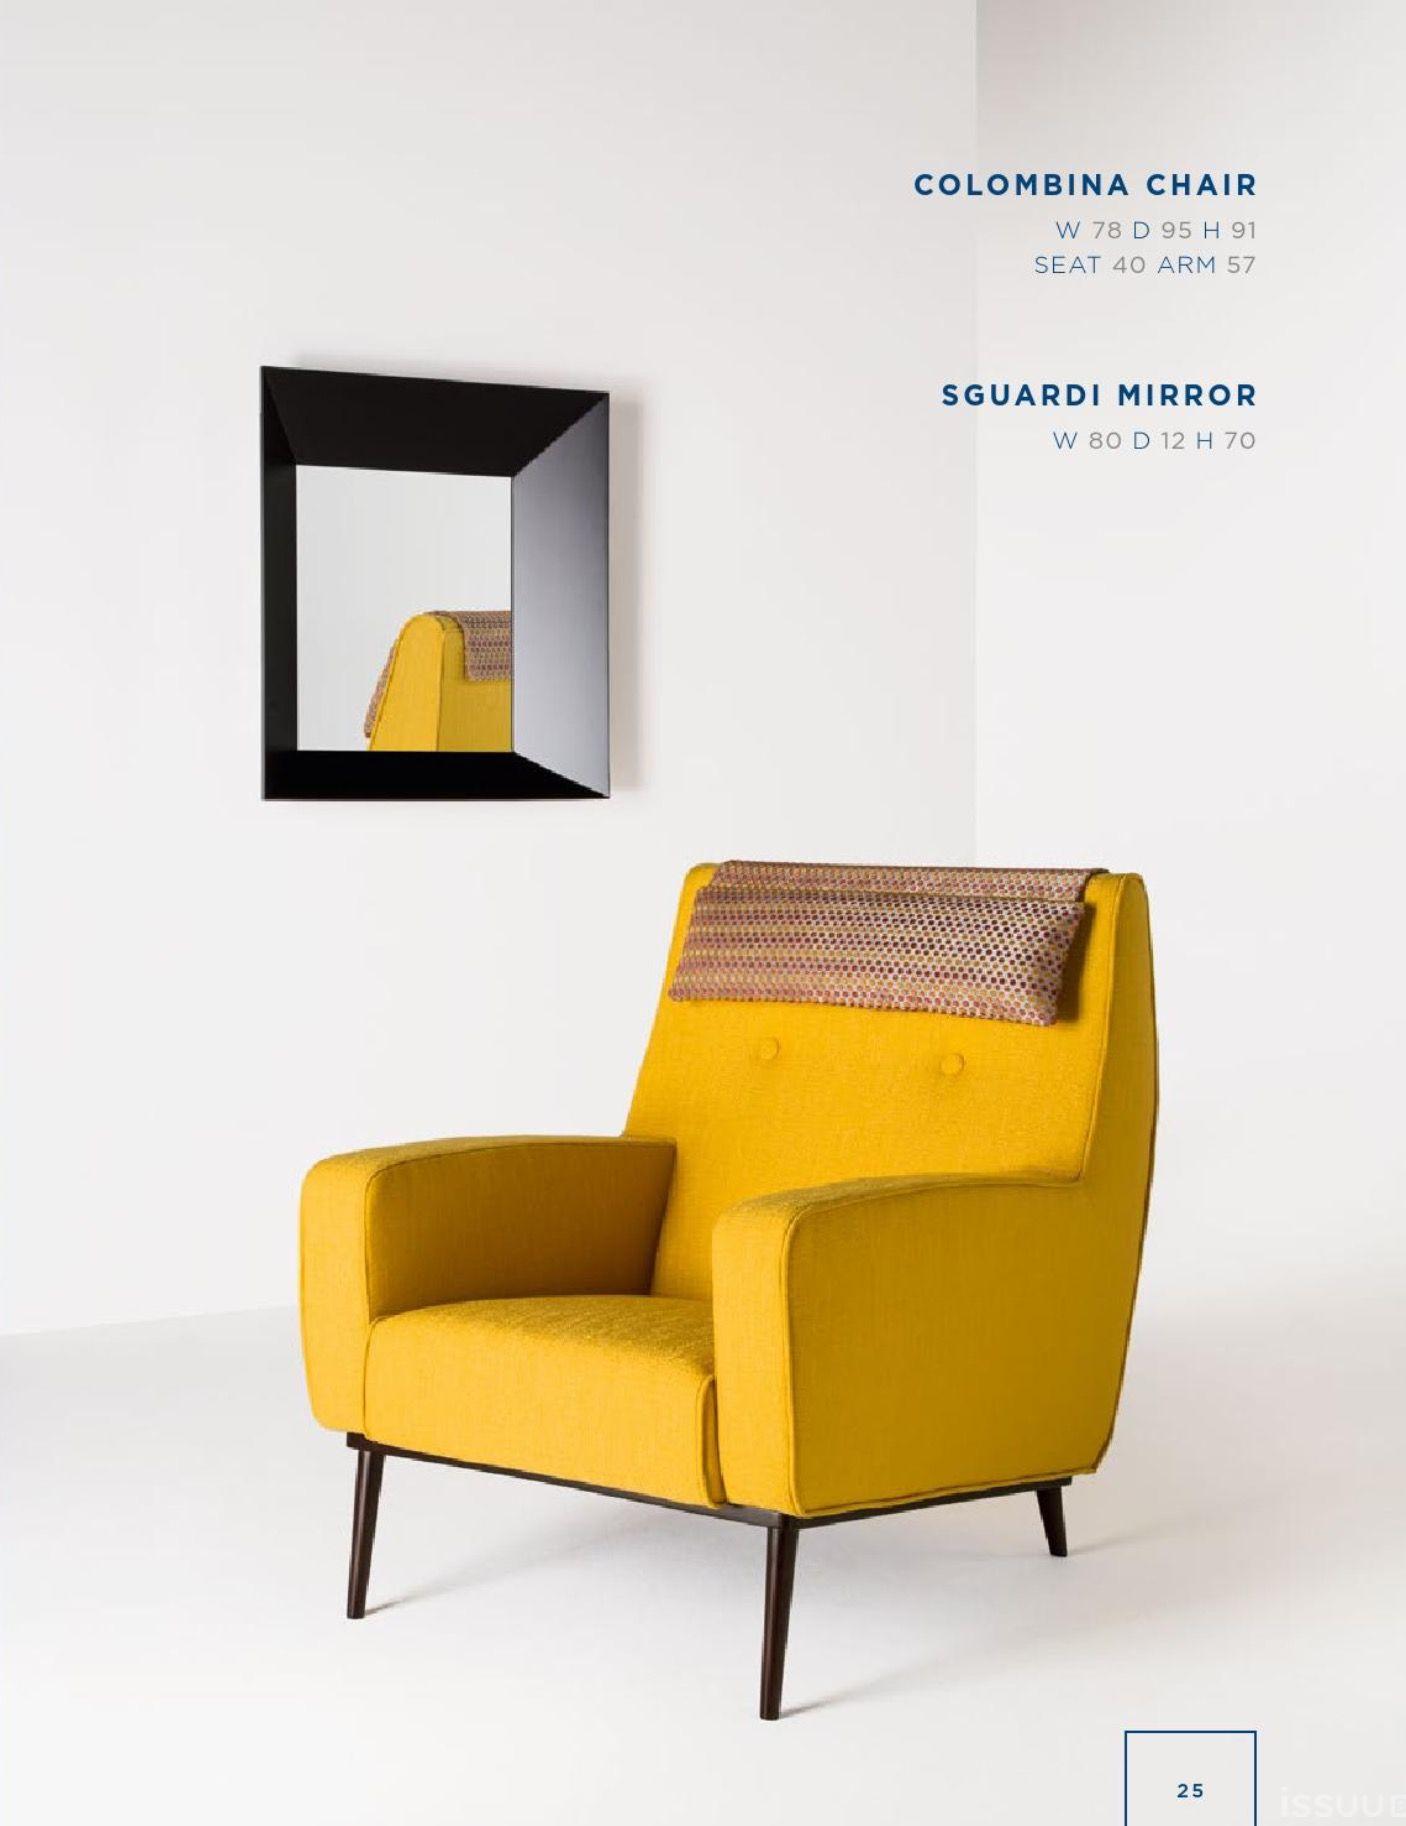 Rubelli Casa Colombina chair Sguardi mirror